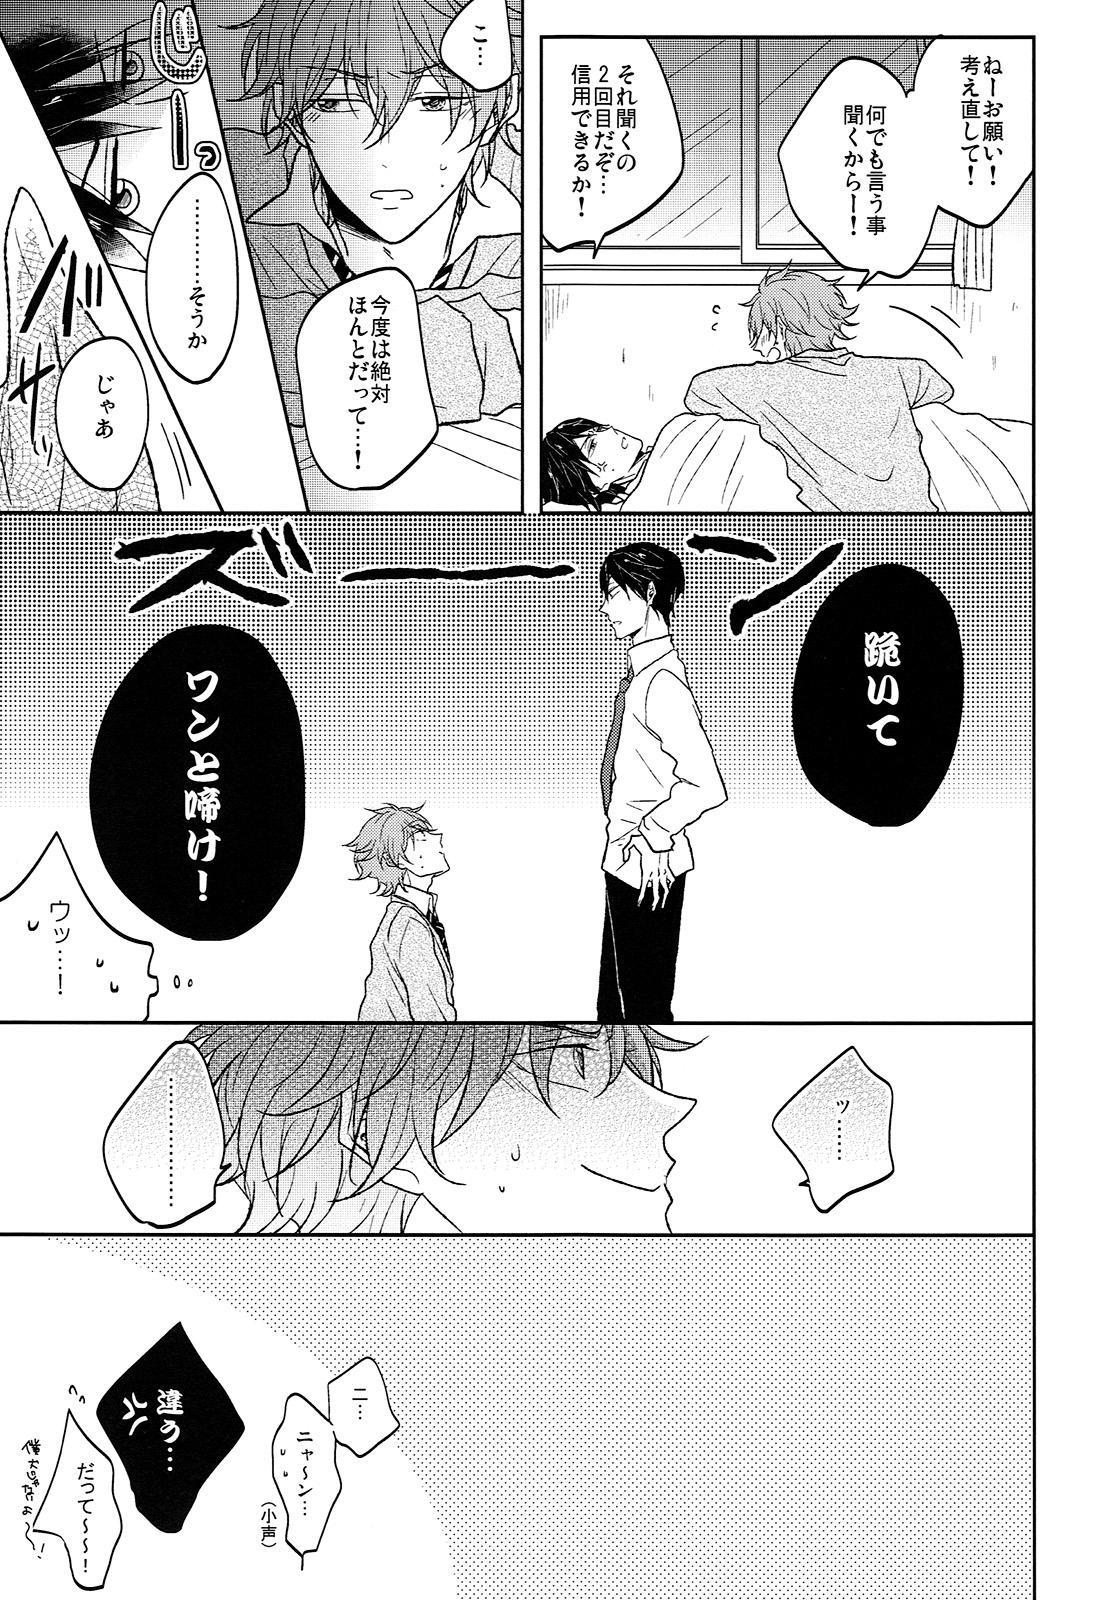 Hizamazuite nyan to nake 19